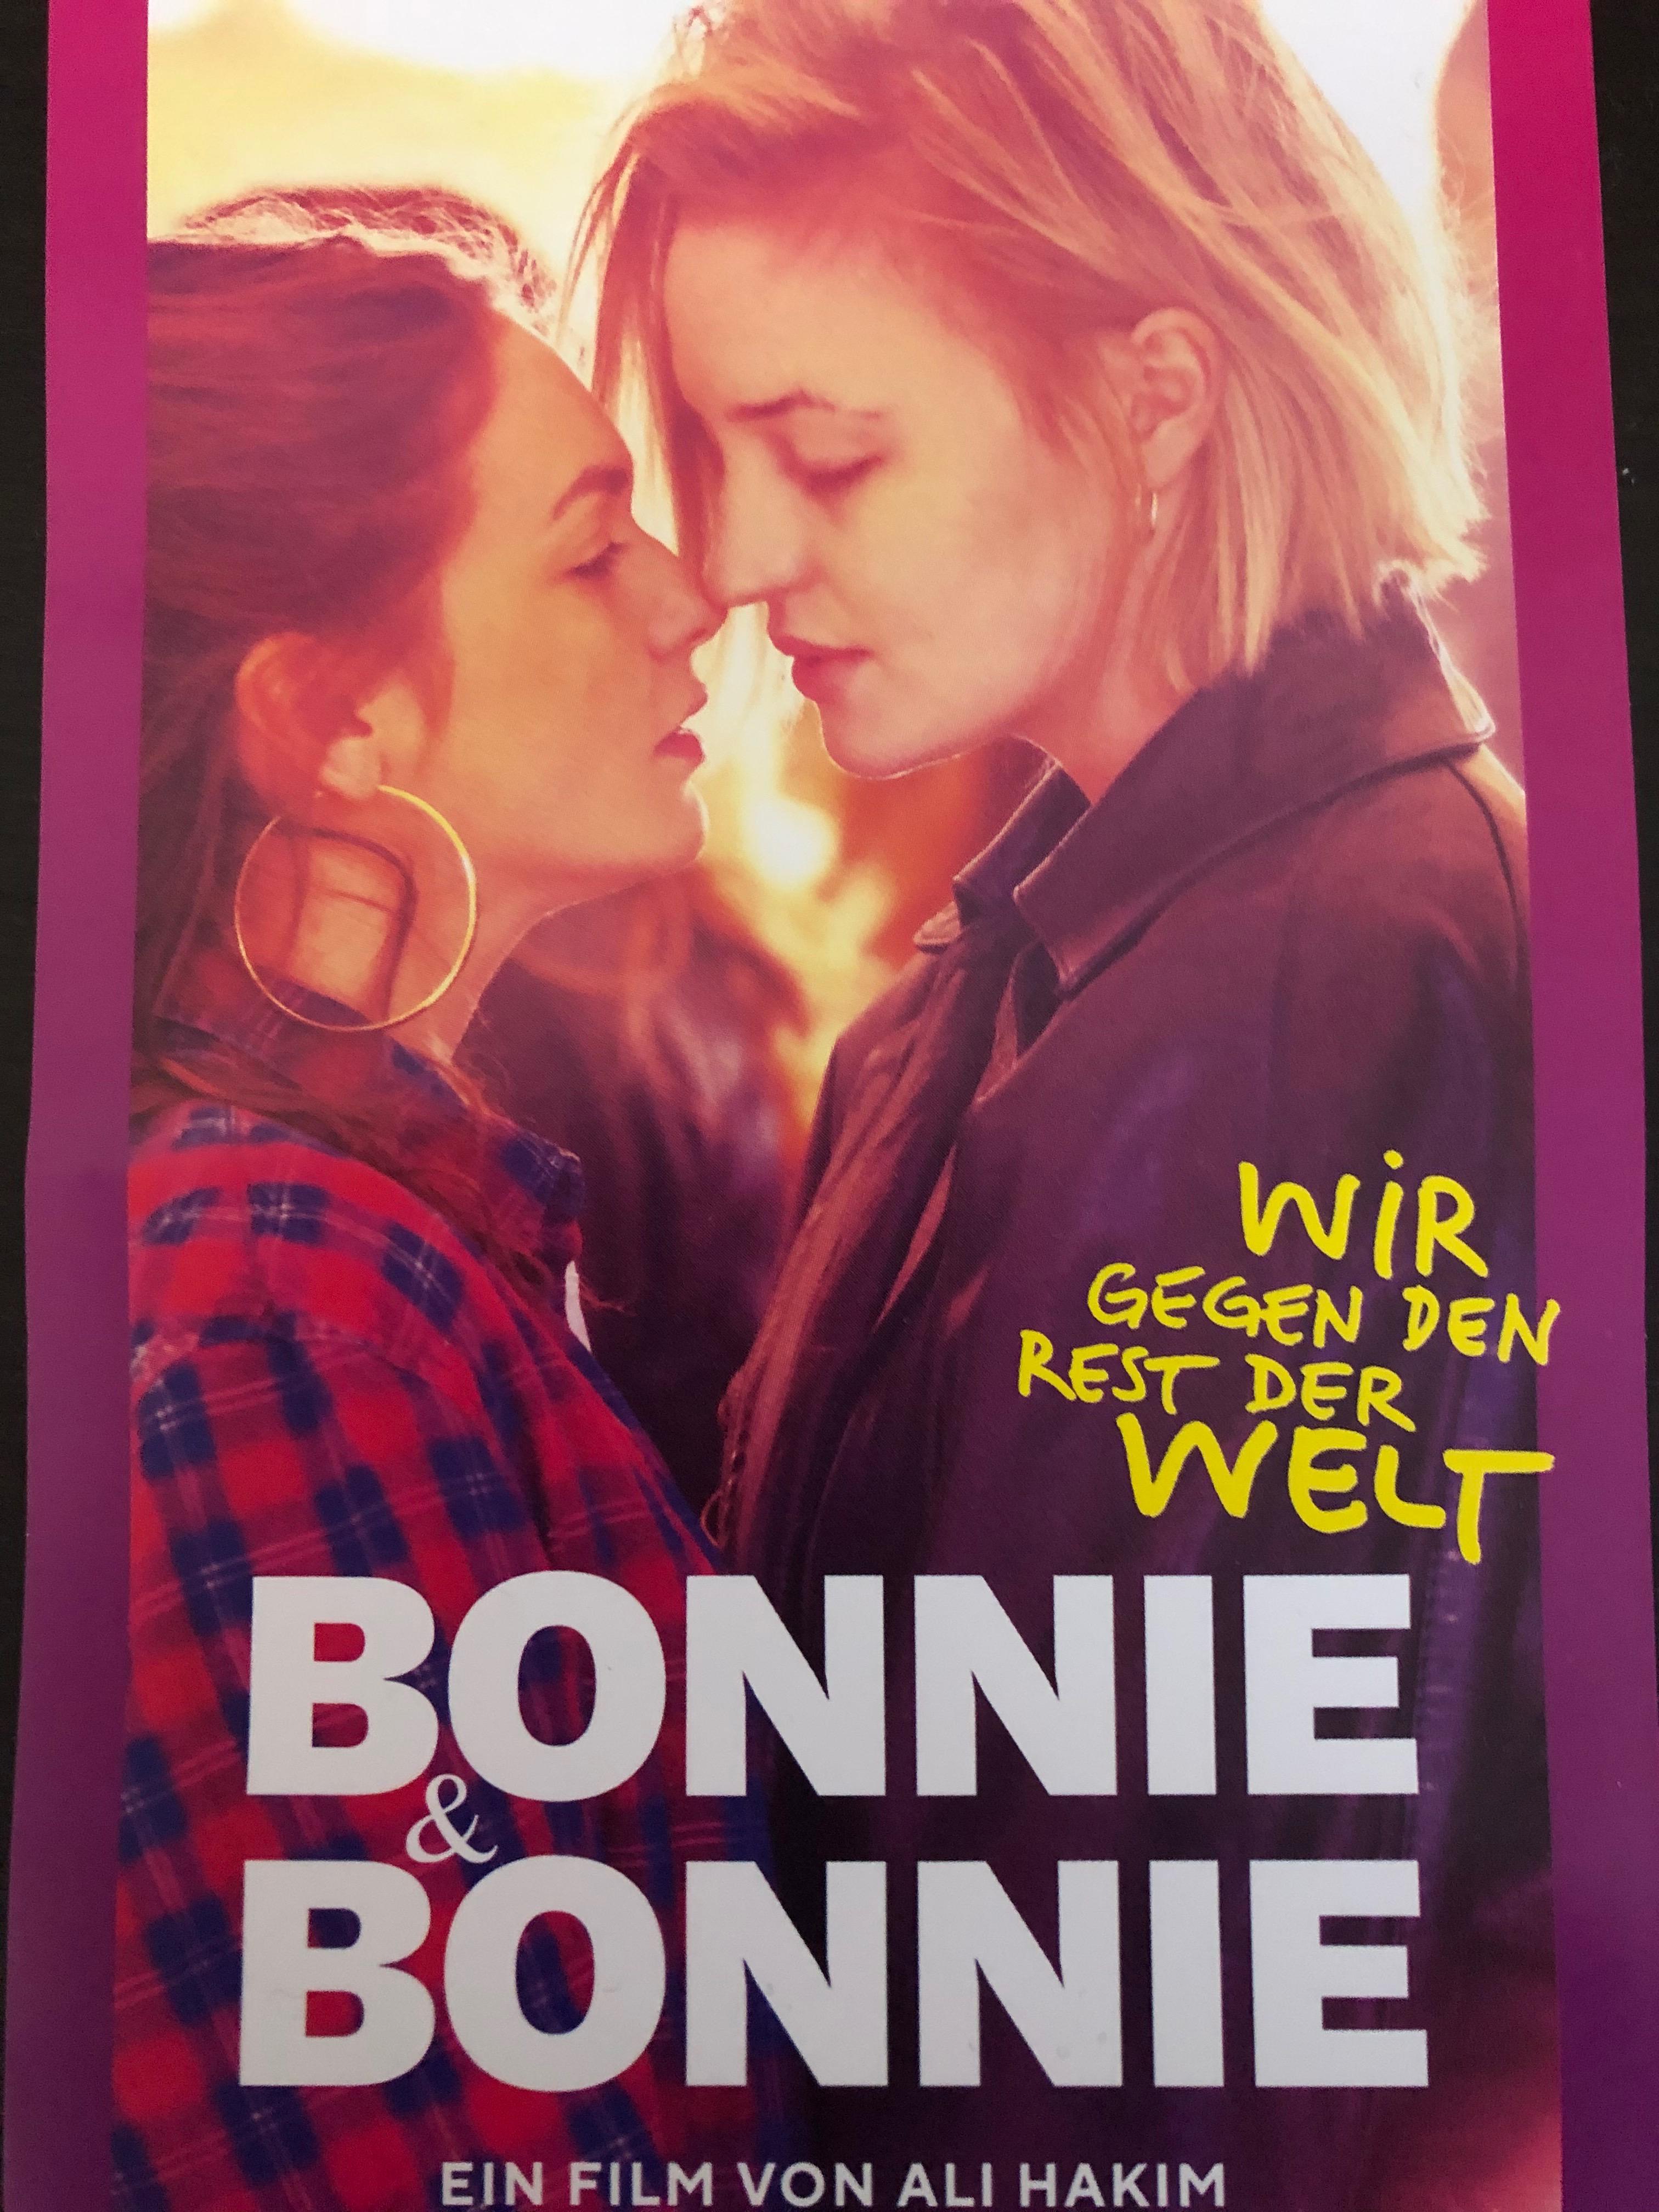 Bonnie&Bonnie